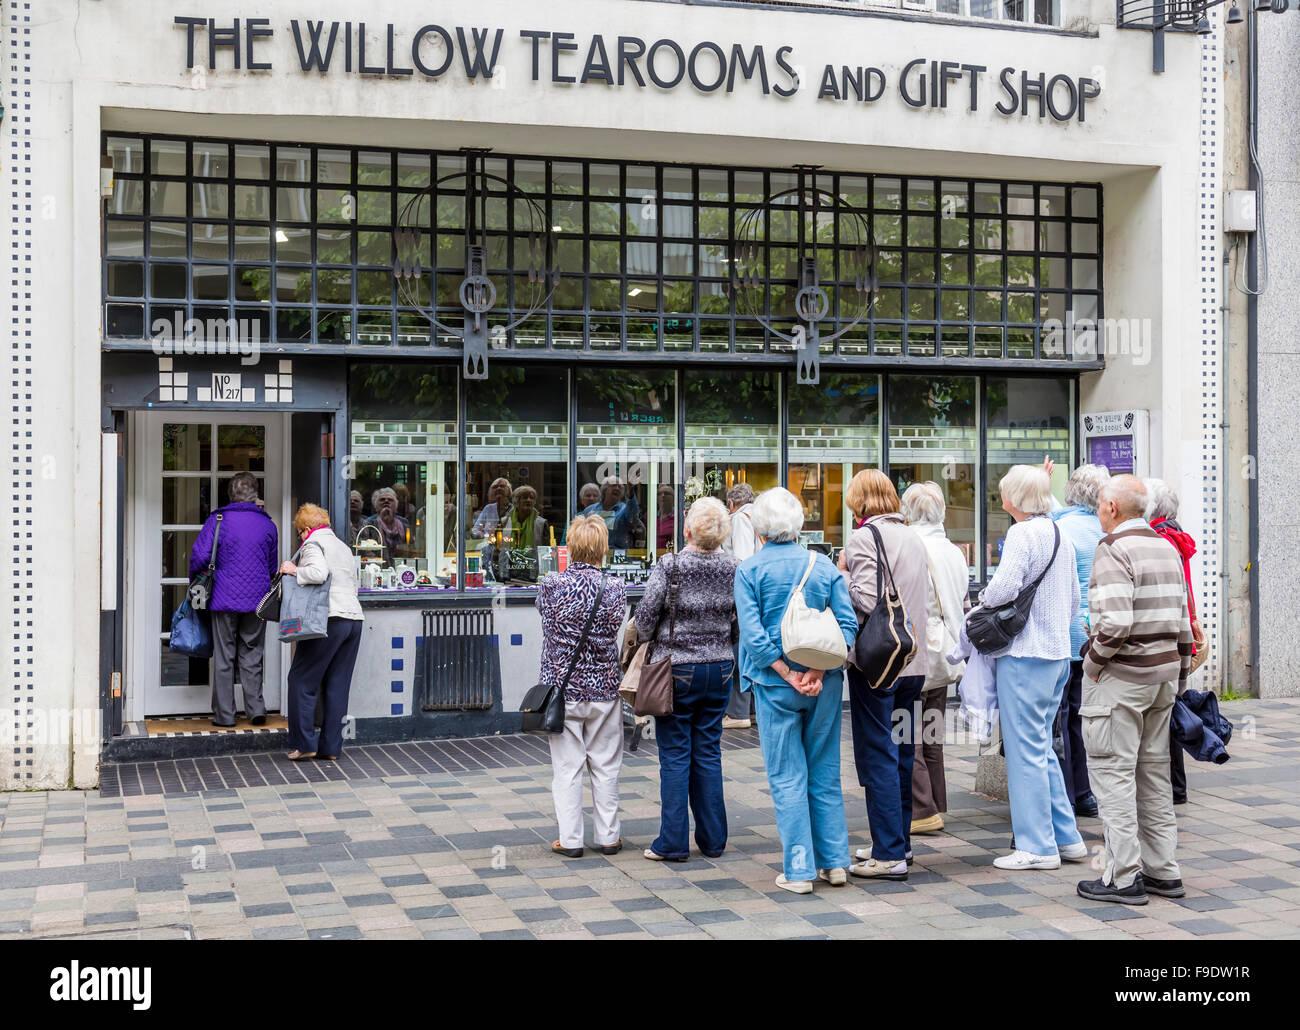 Un groupe de touristes à l'extérieur de Willow Tearooms et l'ancienne boutique de cadeaux sur Sauchiehall Street dans le centre-ville de Glasgow, en Écosse, au Royaume-Uni Banque D'Images